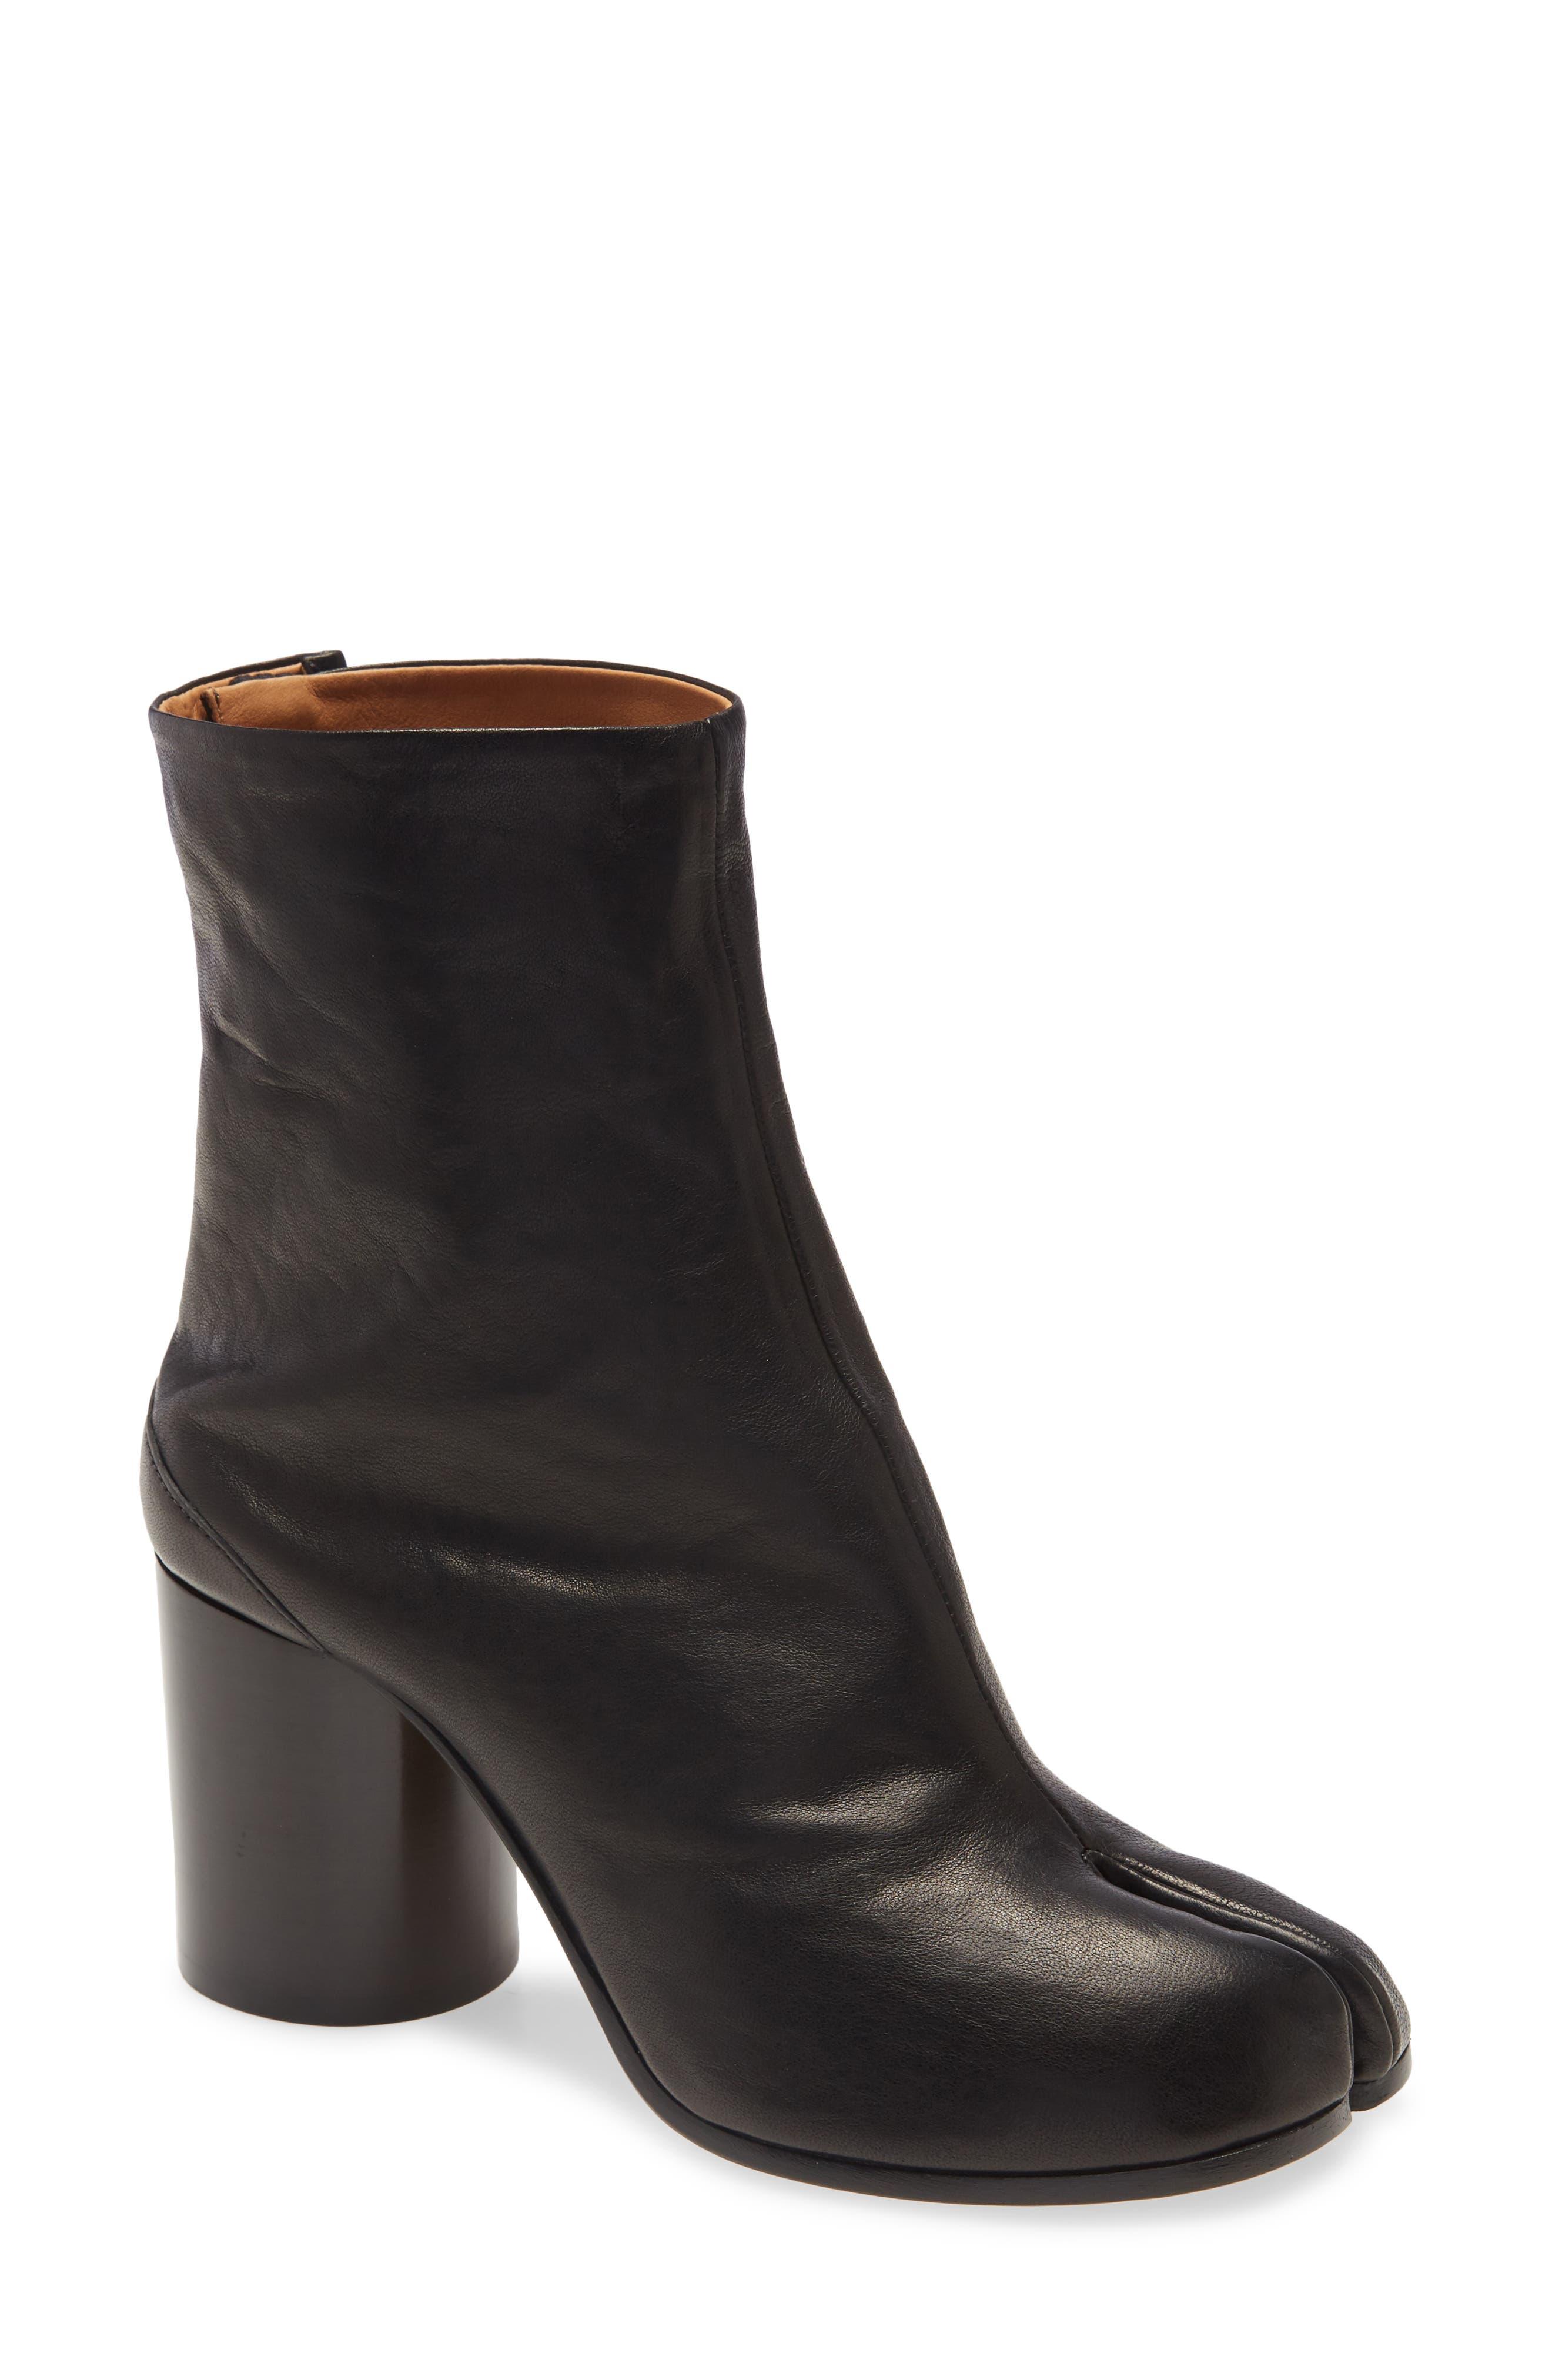 Women's Maison Margiela Shoes | Nordstrom